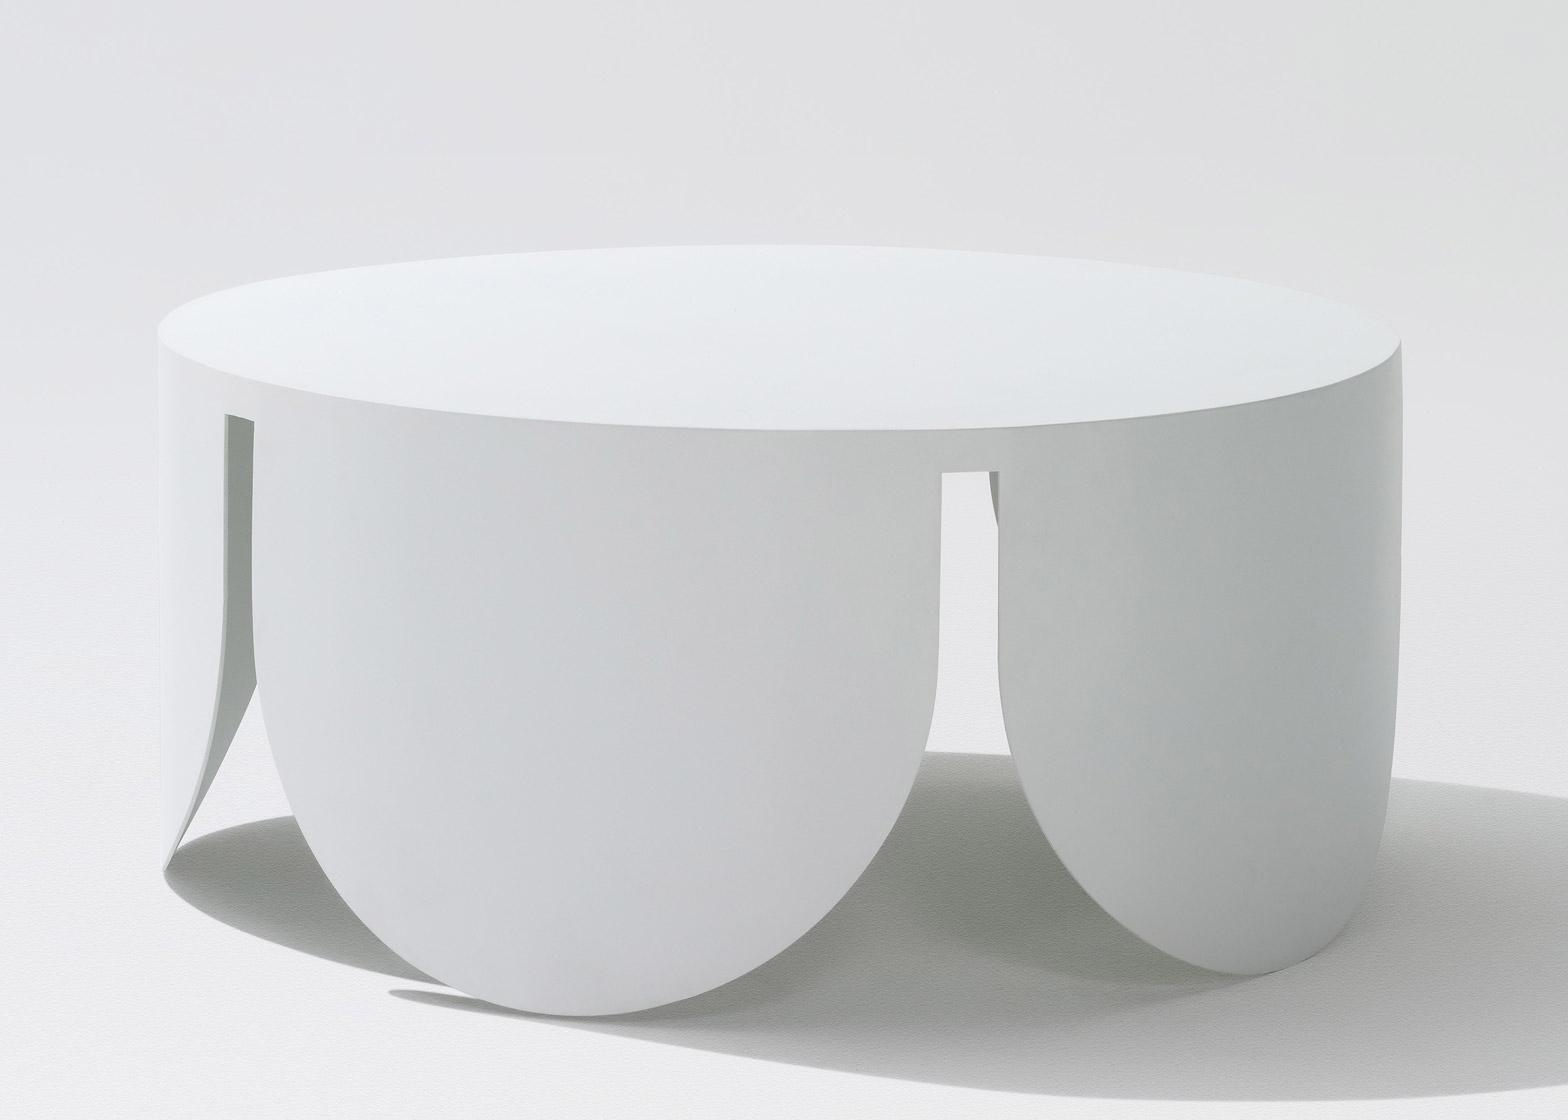 Кофейный стол с арками в белом цвете - Фото 4